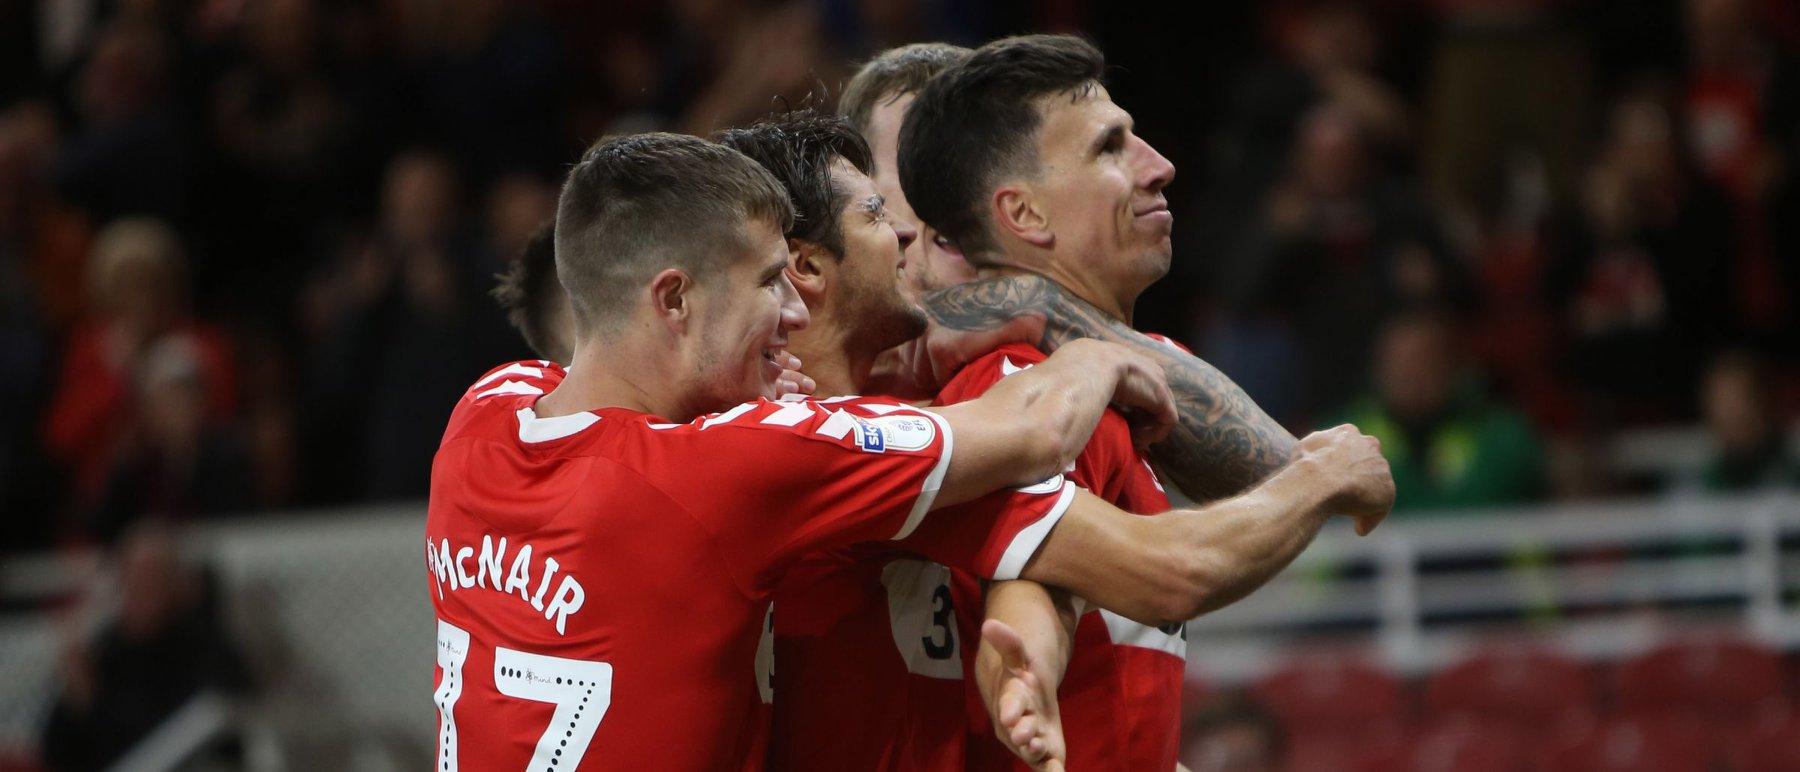 Nottingham-Middlesbrough 22 aprile: si gioca per la 44 esima giornata della Serie B inglese. Ospiti favoriti per i 3 punti in palio.